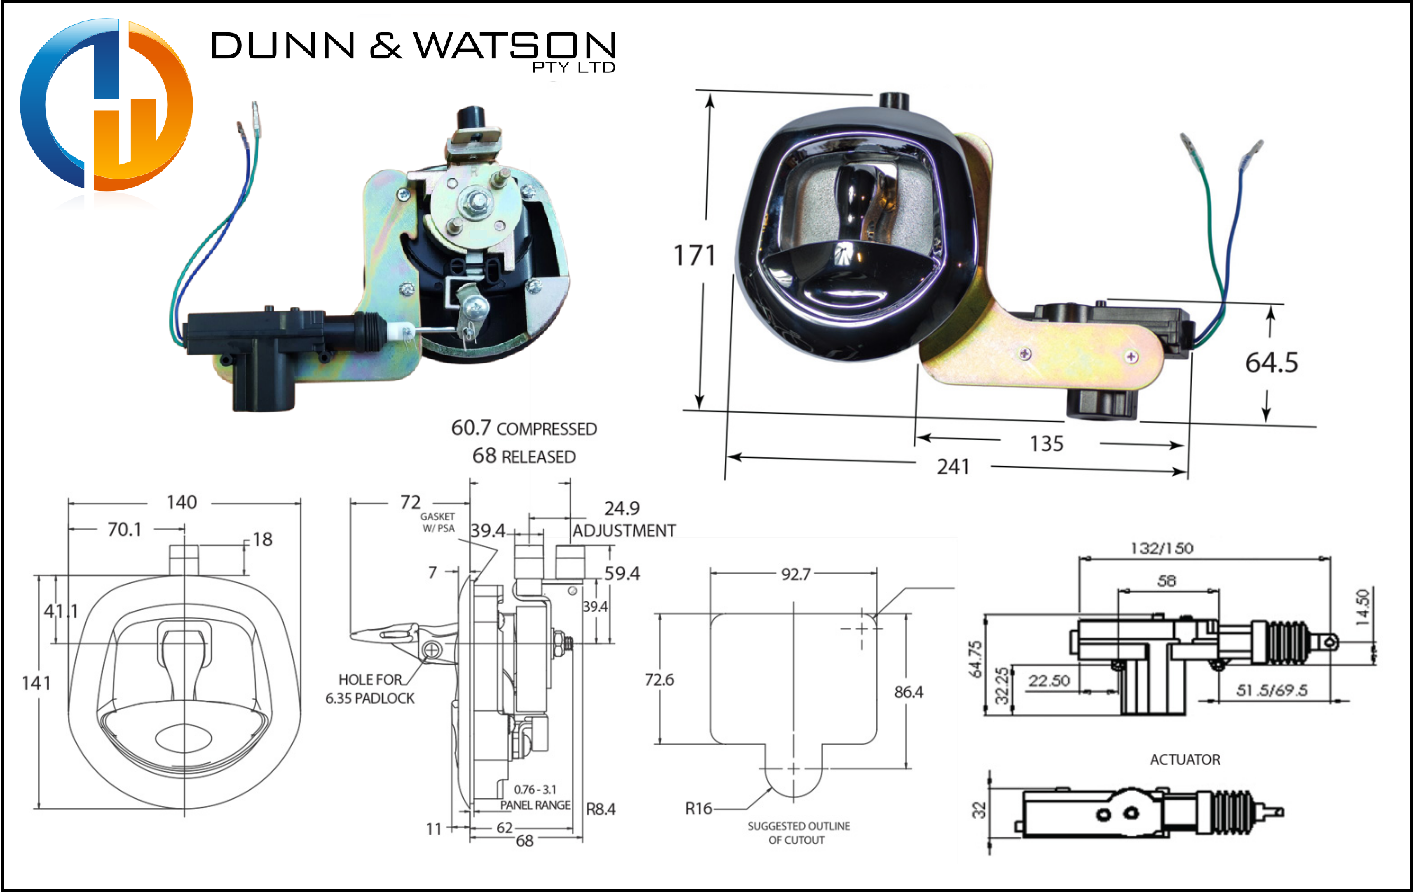 Dunn & Watson - Power Whale Tail - Black